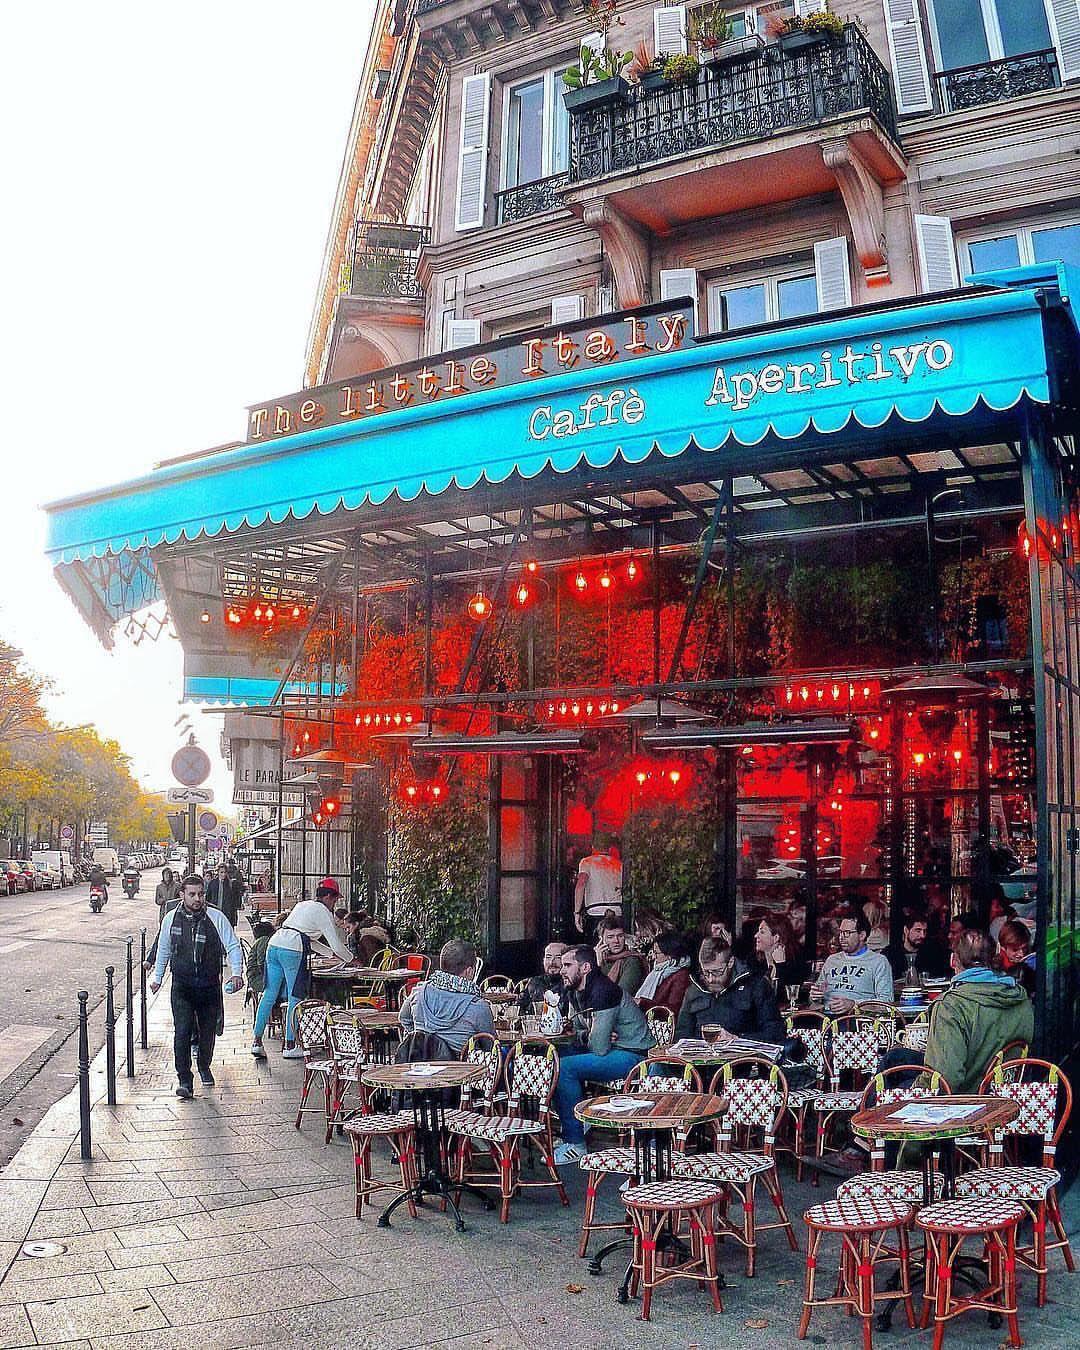 The little italy 5 place de clichy 75017 paris repost super france boiteaufle learnfrench - Chambre de commerce melun ...